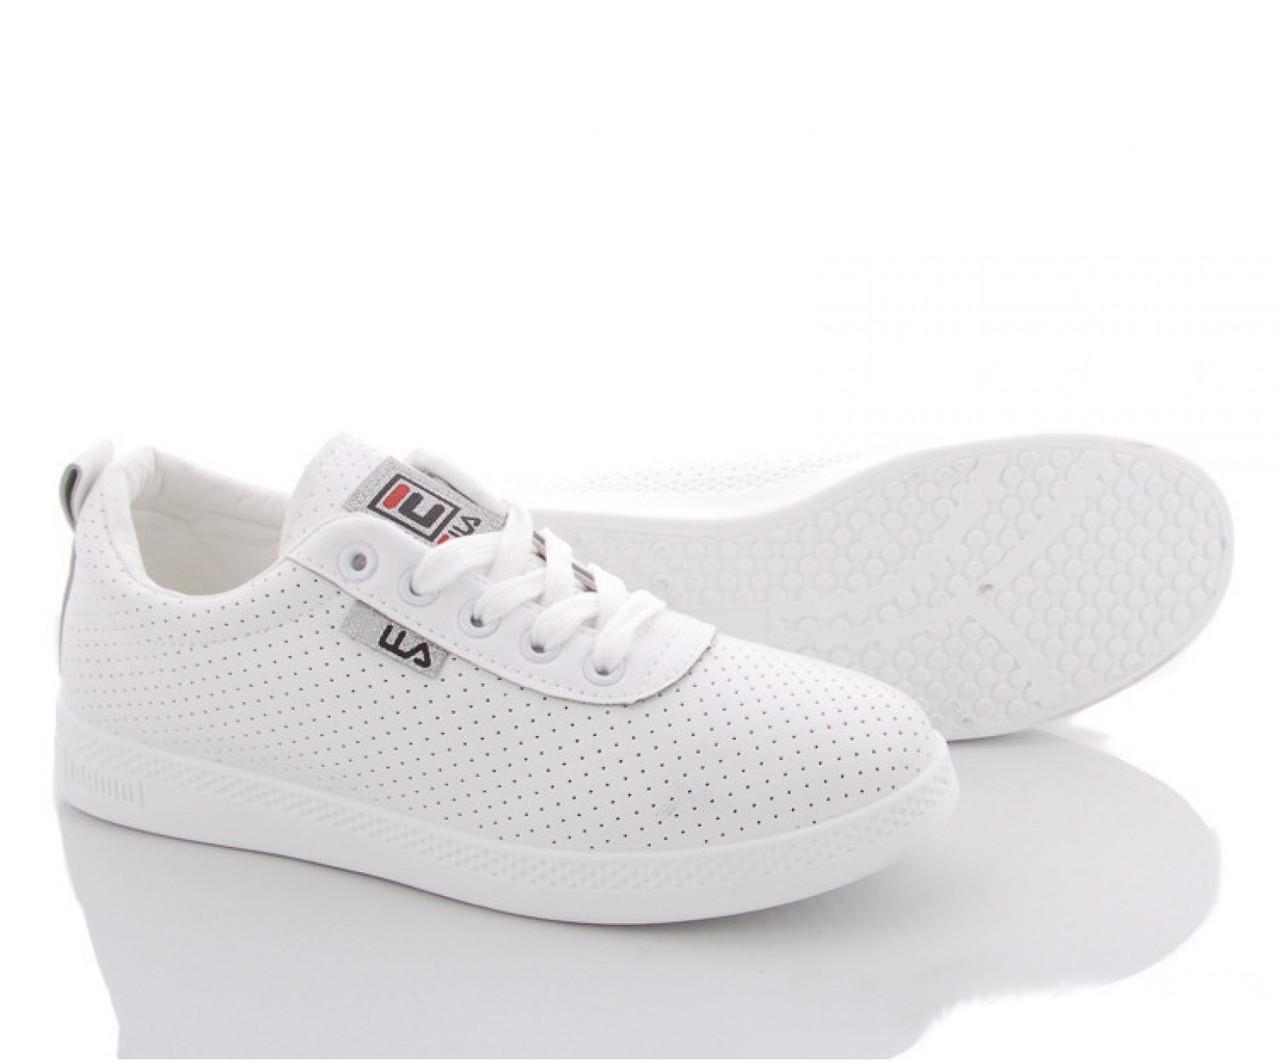 Кеды летние женские из искусственной кожи белые ILA Fashion 38 р. - 24,5 см (1174651076)